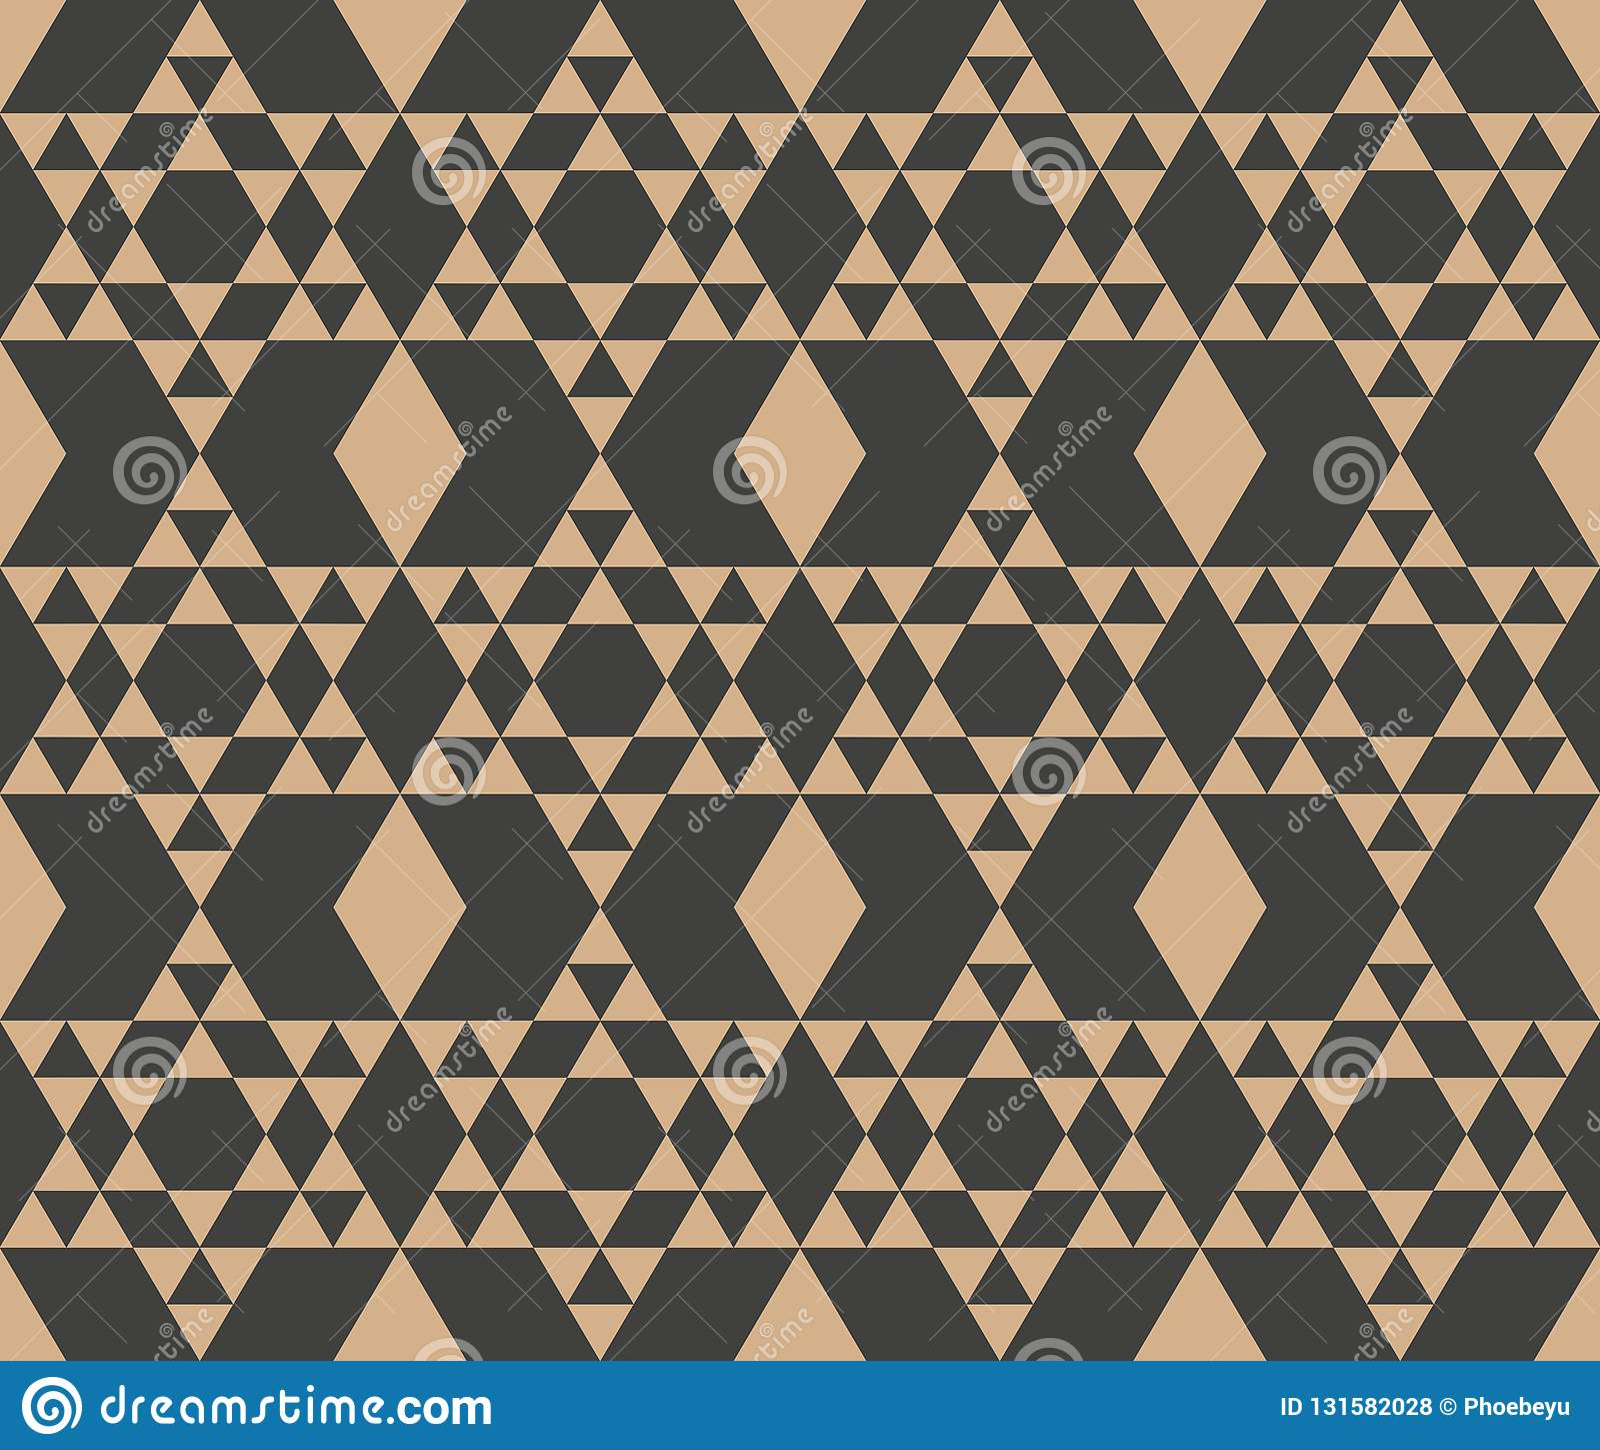 De vector van de van het achtergrond damast naadloze retro patroon controle van het de driehoeks dwarskader veelhoekmeetkunde Het